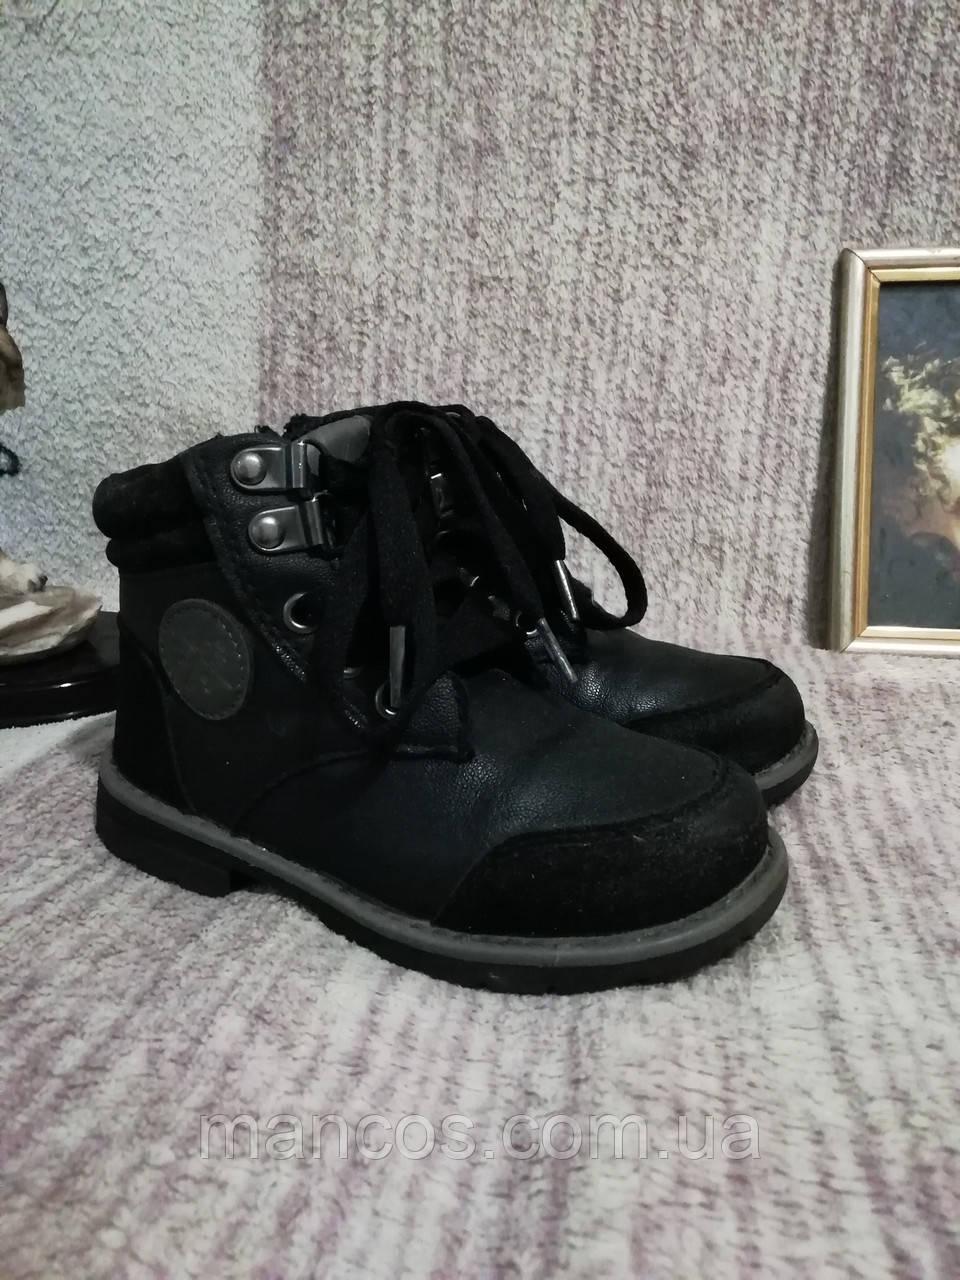 efb54bd5768ae5 Lupilu: Дитяче взуття Оголошення в Україні на BESPLATKA.ua